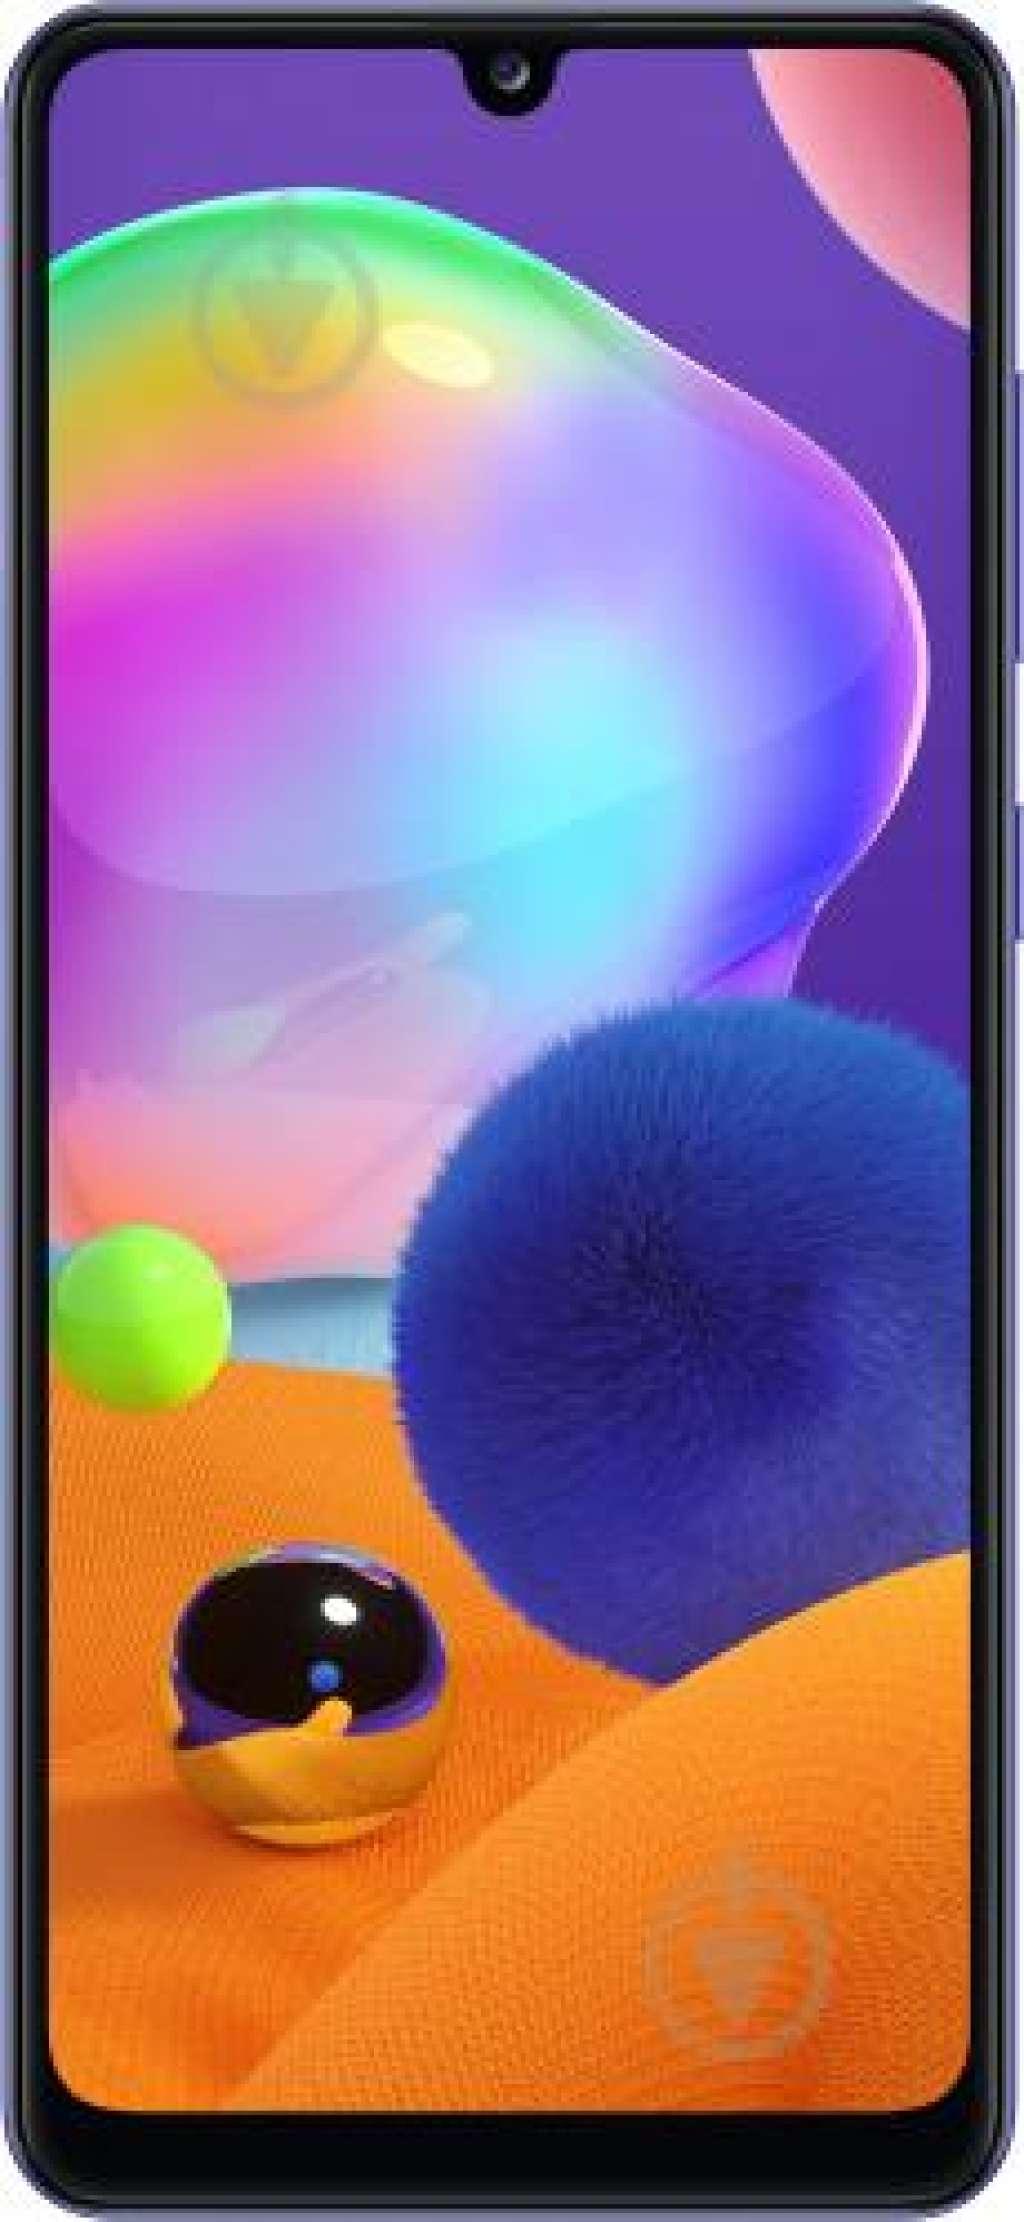 """Смартфон Samsung Galaxy A31 4/64Gb blue:  Кількість модулей основної камери: 4  Кількість ядер: 8  Основна камера: 48 Мп  Оперативна пам'ять: 4 ГБ  Діагональ: 6,4"""""""